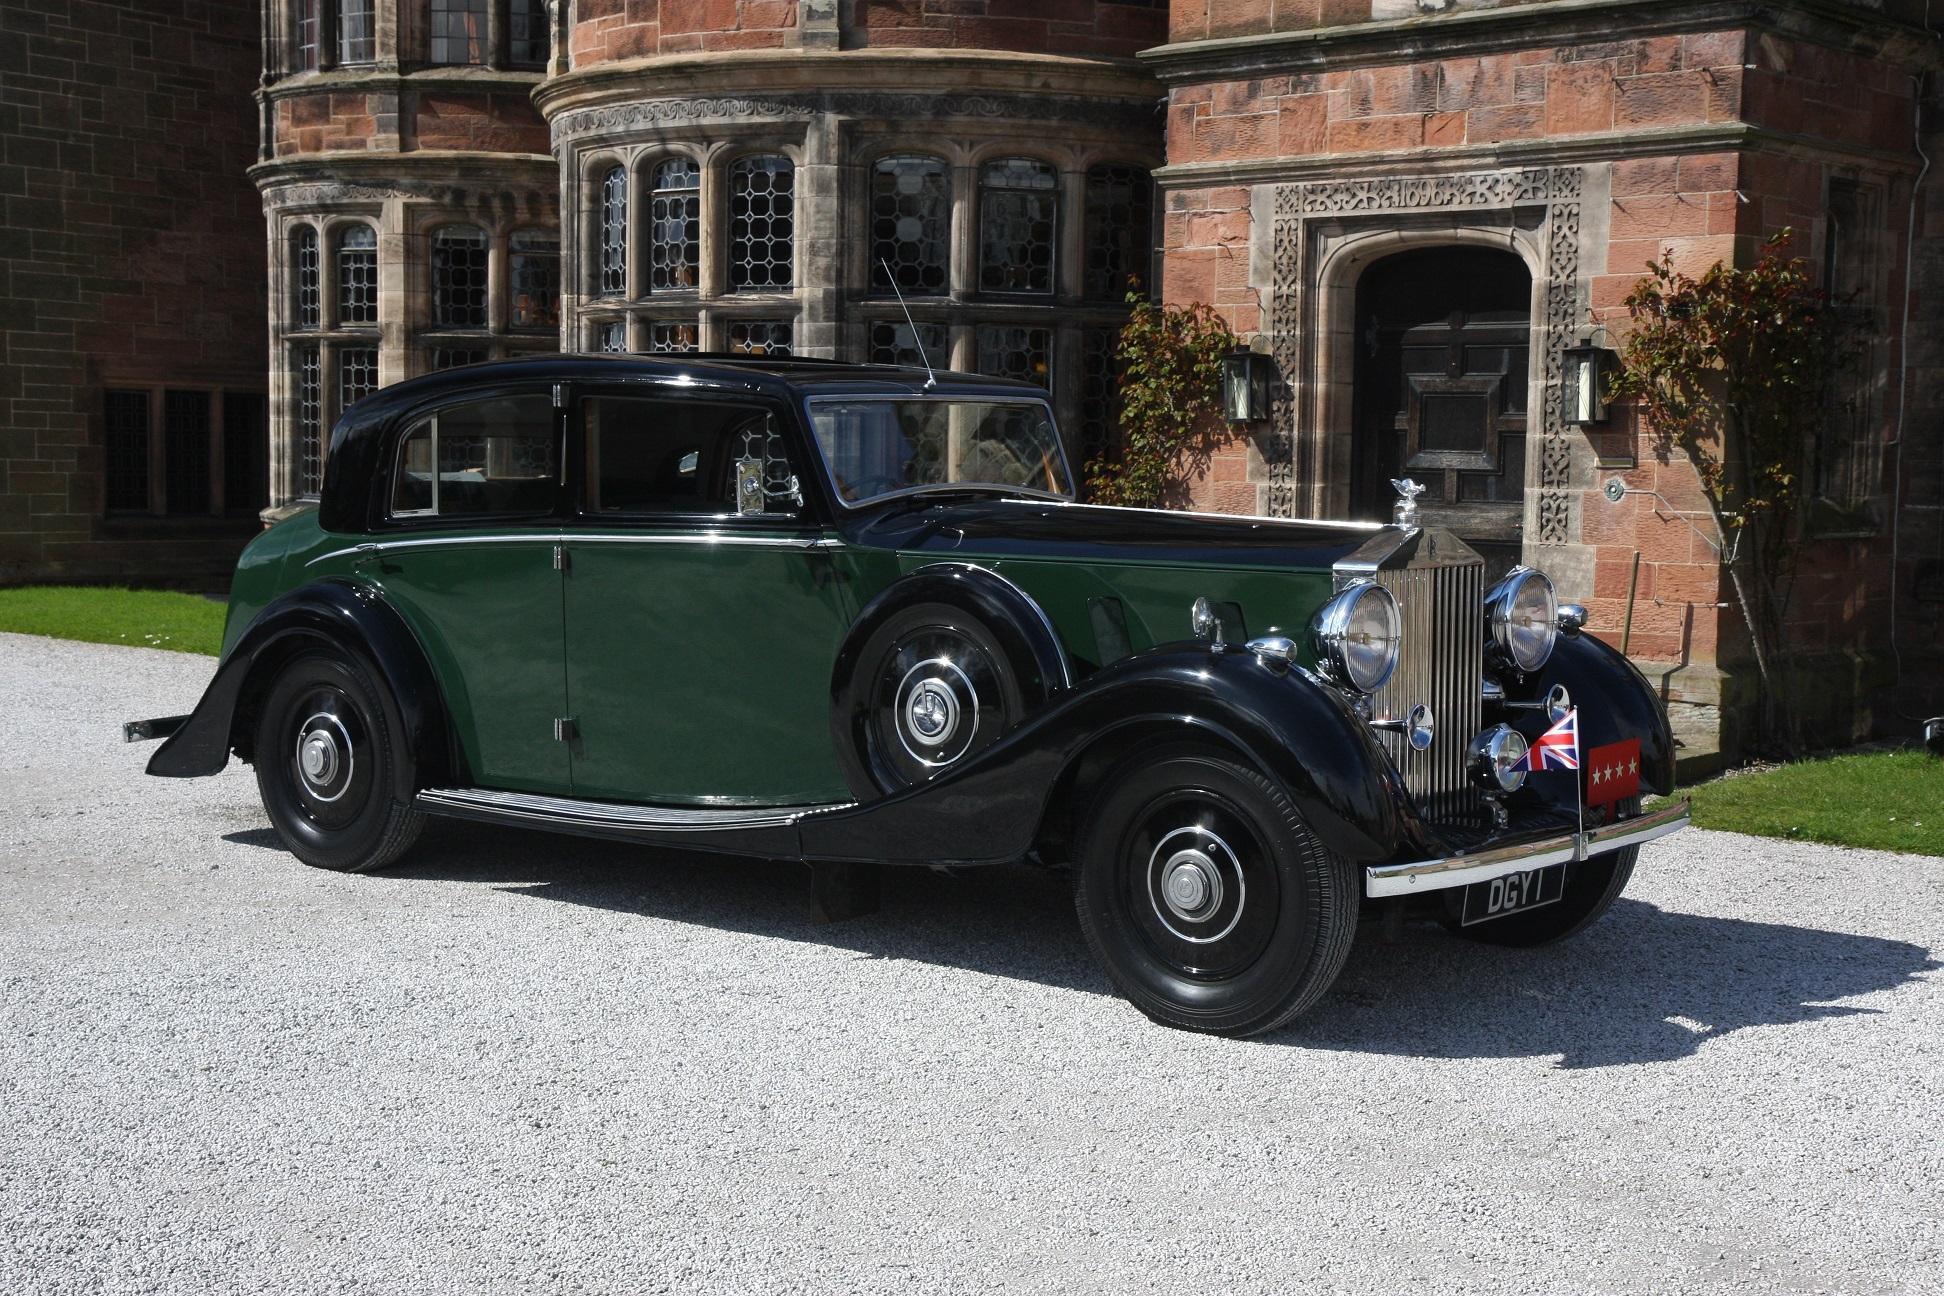 1936 Rolls Royce Phantom III #1